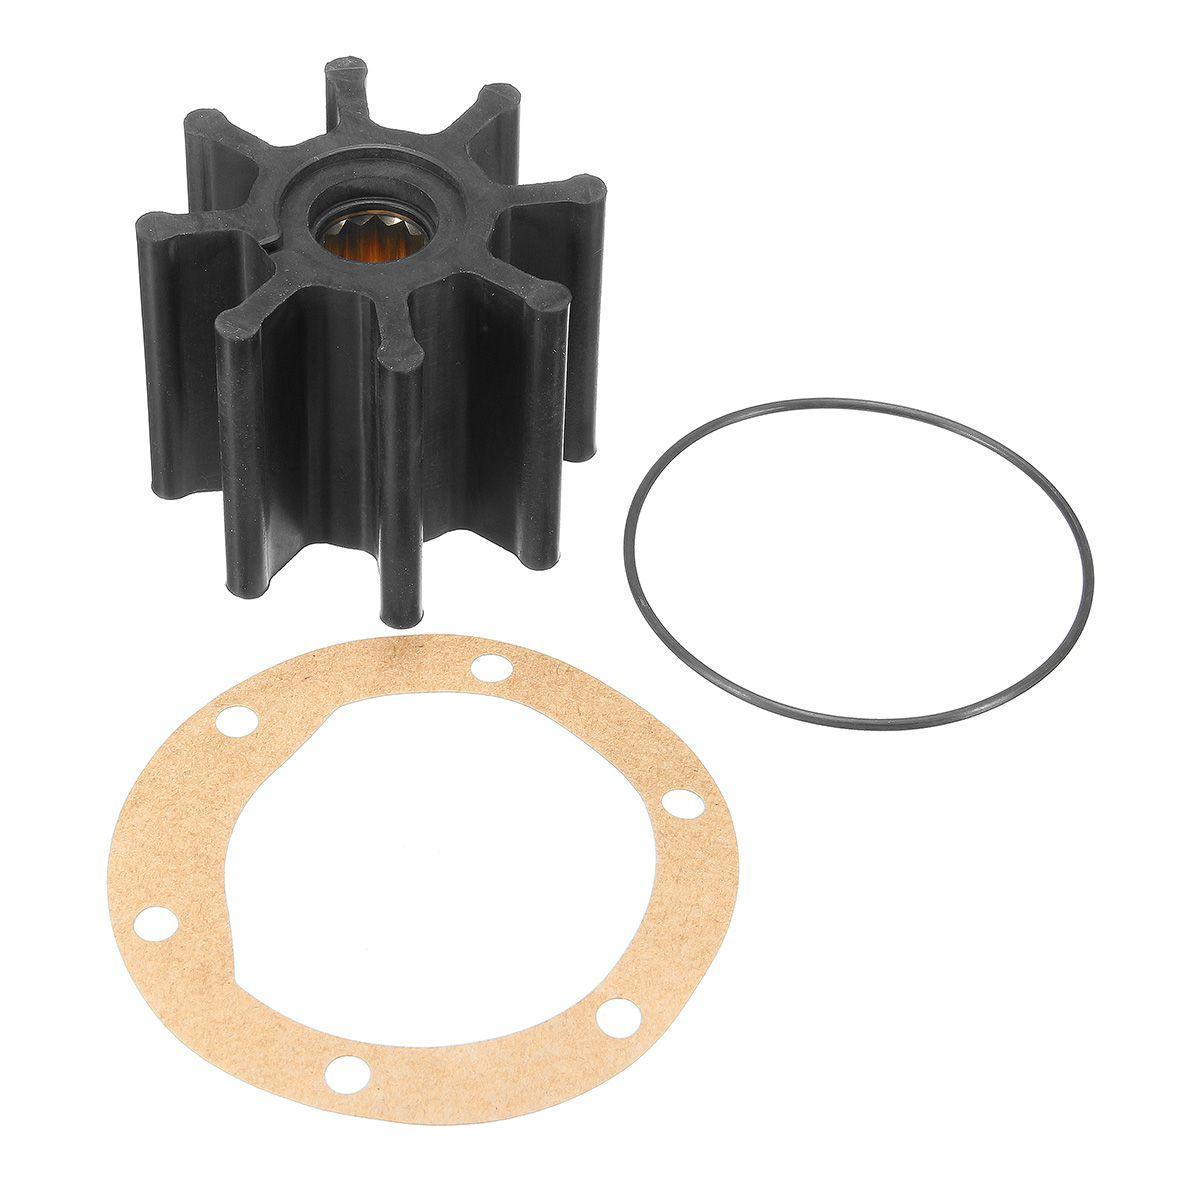 Water Pump Impeller Kit Rubber For VOLVO PENTA #875593-6 877061 3841697 NEW